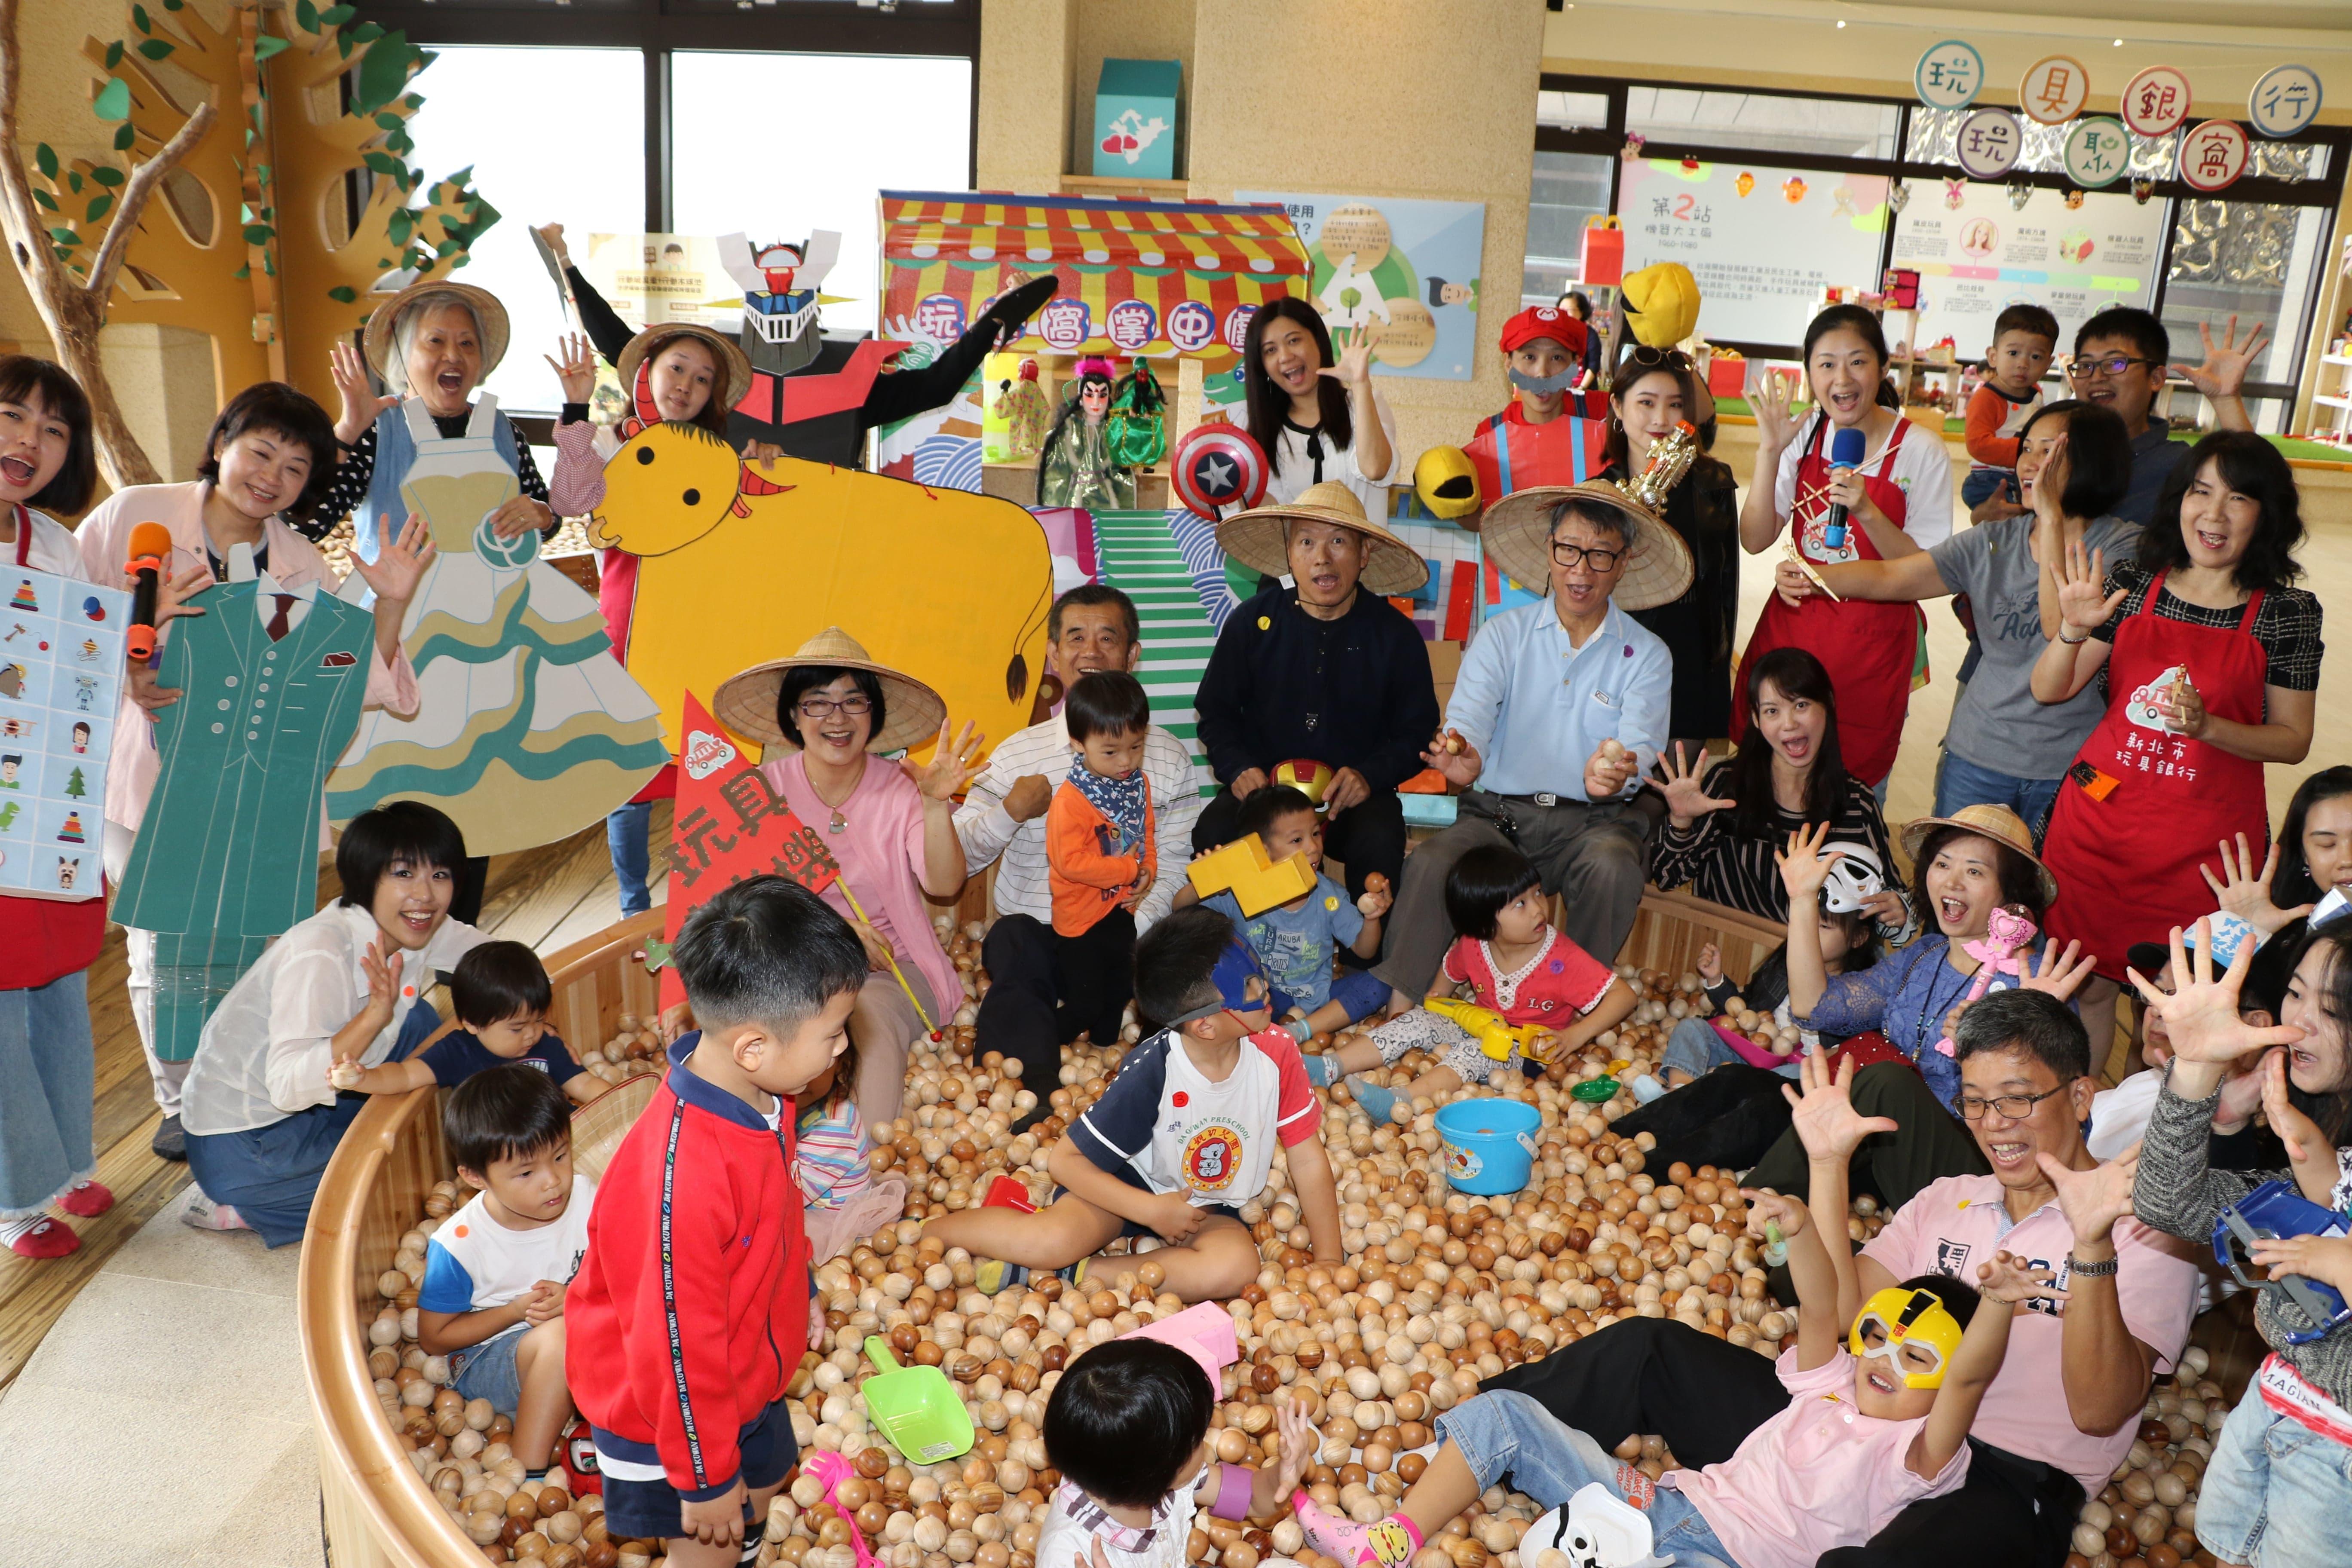 【活動】從農村自製童玩到虛擬遊戲!新北市玩聚窩推出跨時代玩具特展